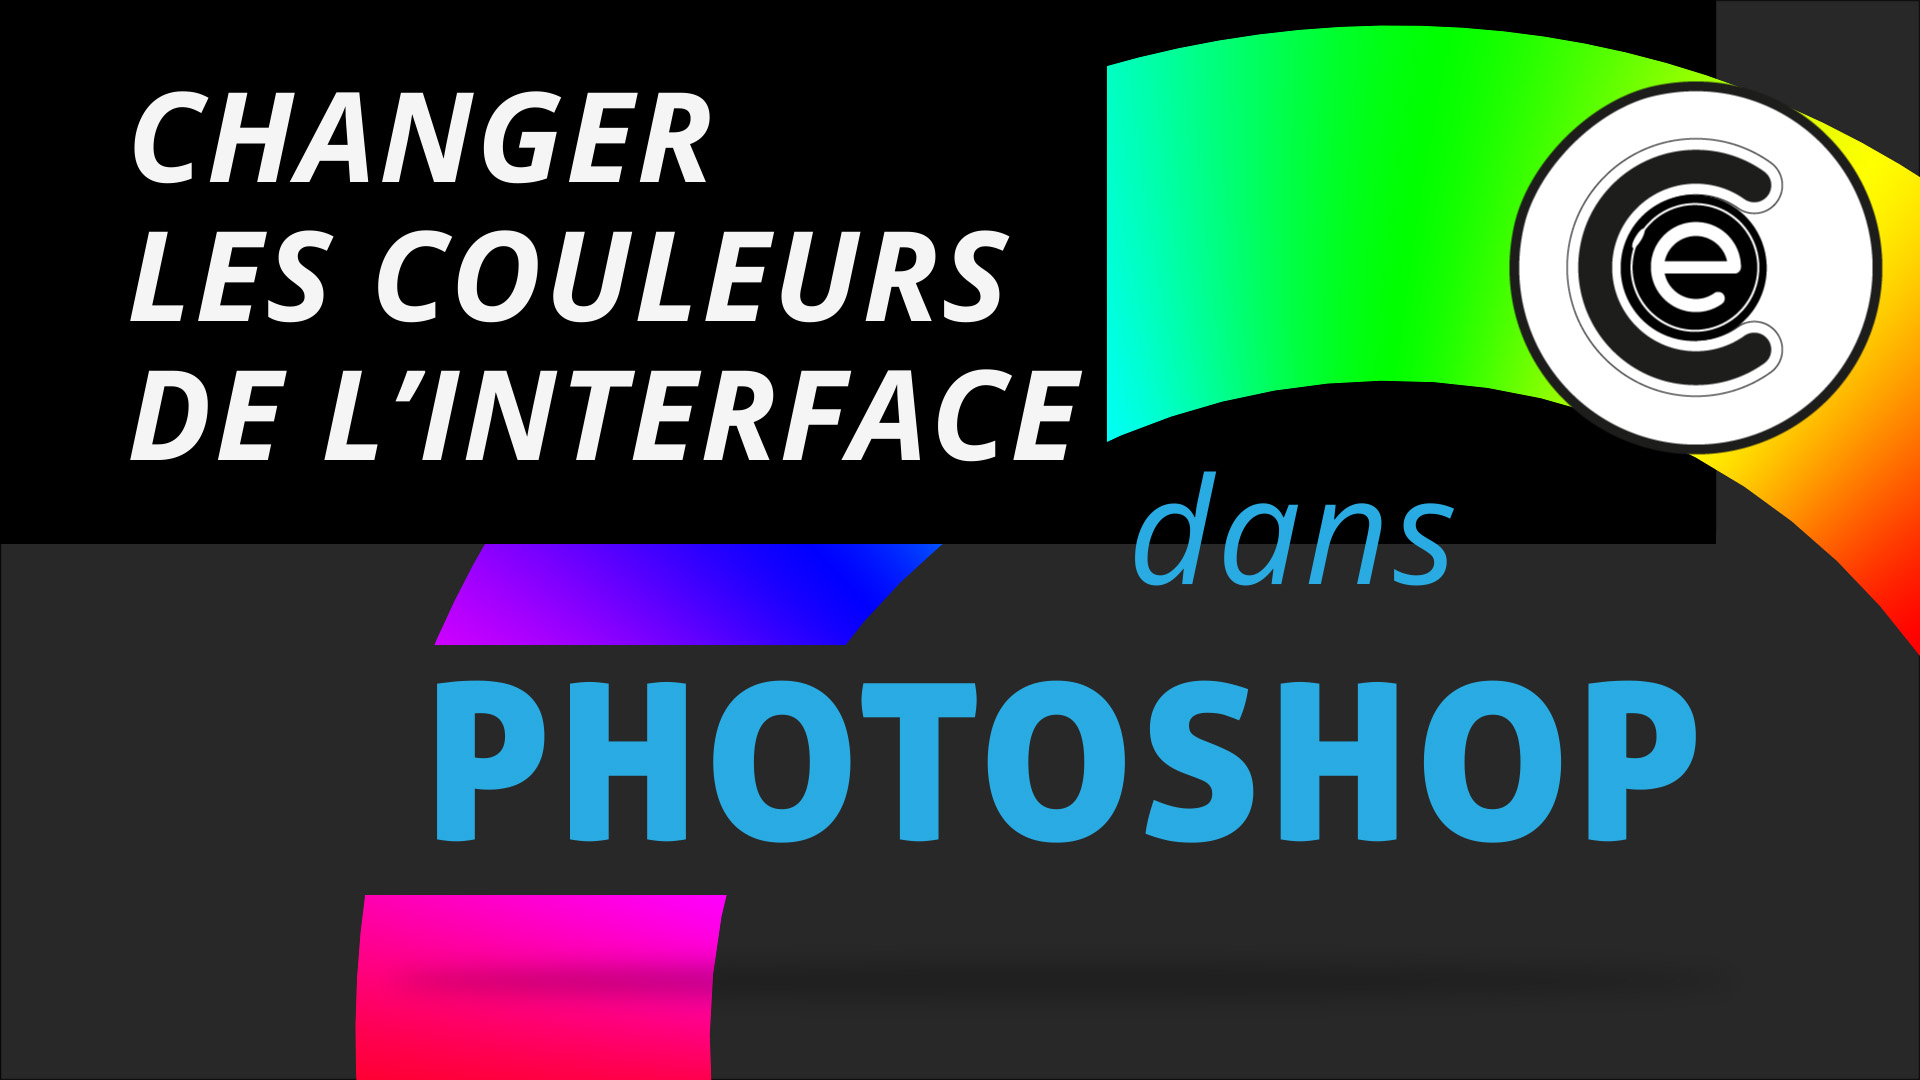 Les couleurs de l'interface de Photoshop